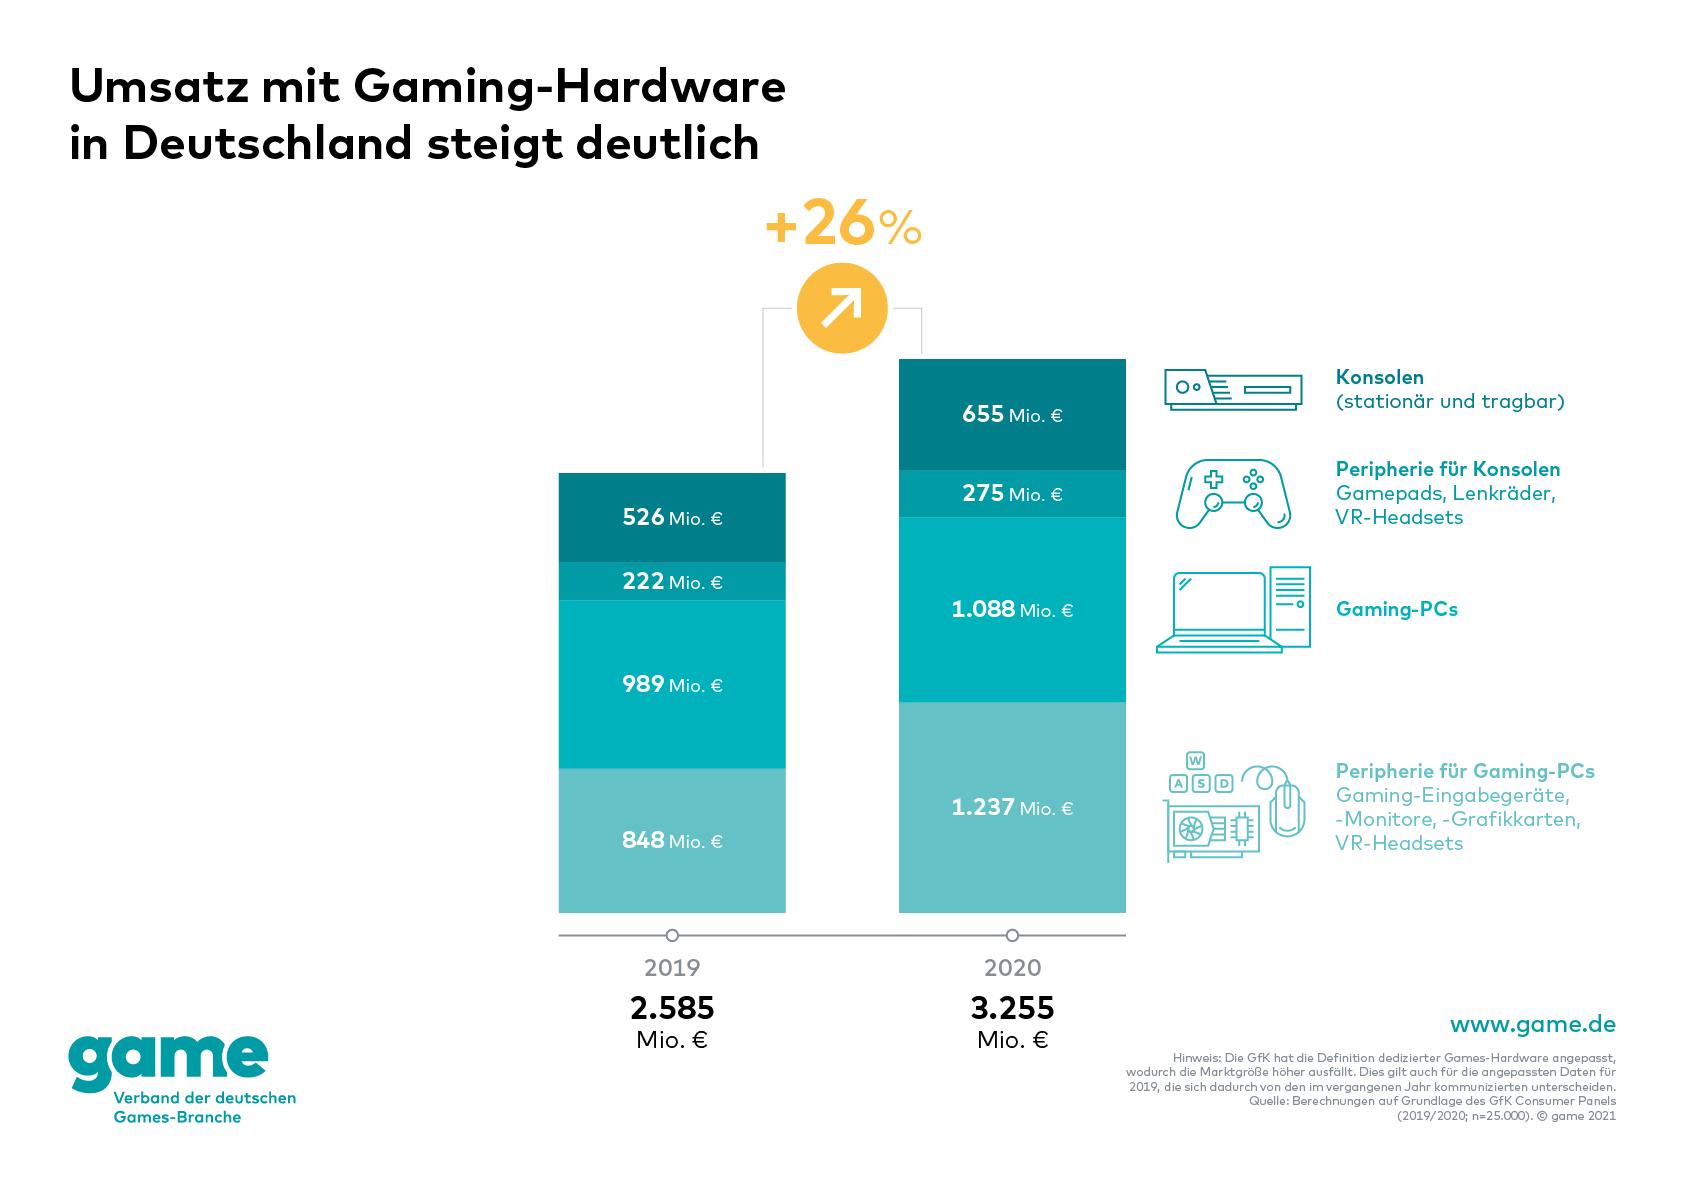 grafik game verband der deutschen games branche umsatz gaming-hardware deutschland umsatz